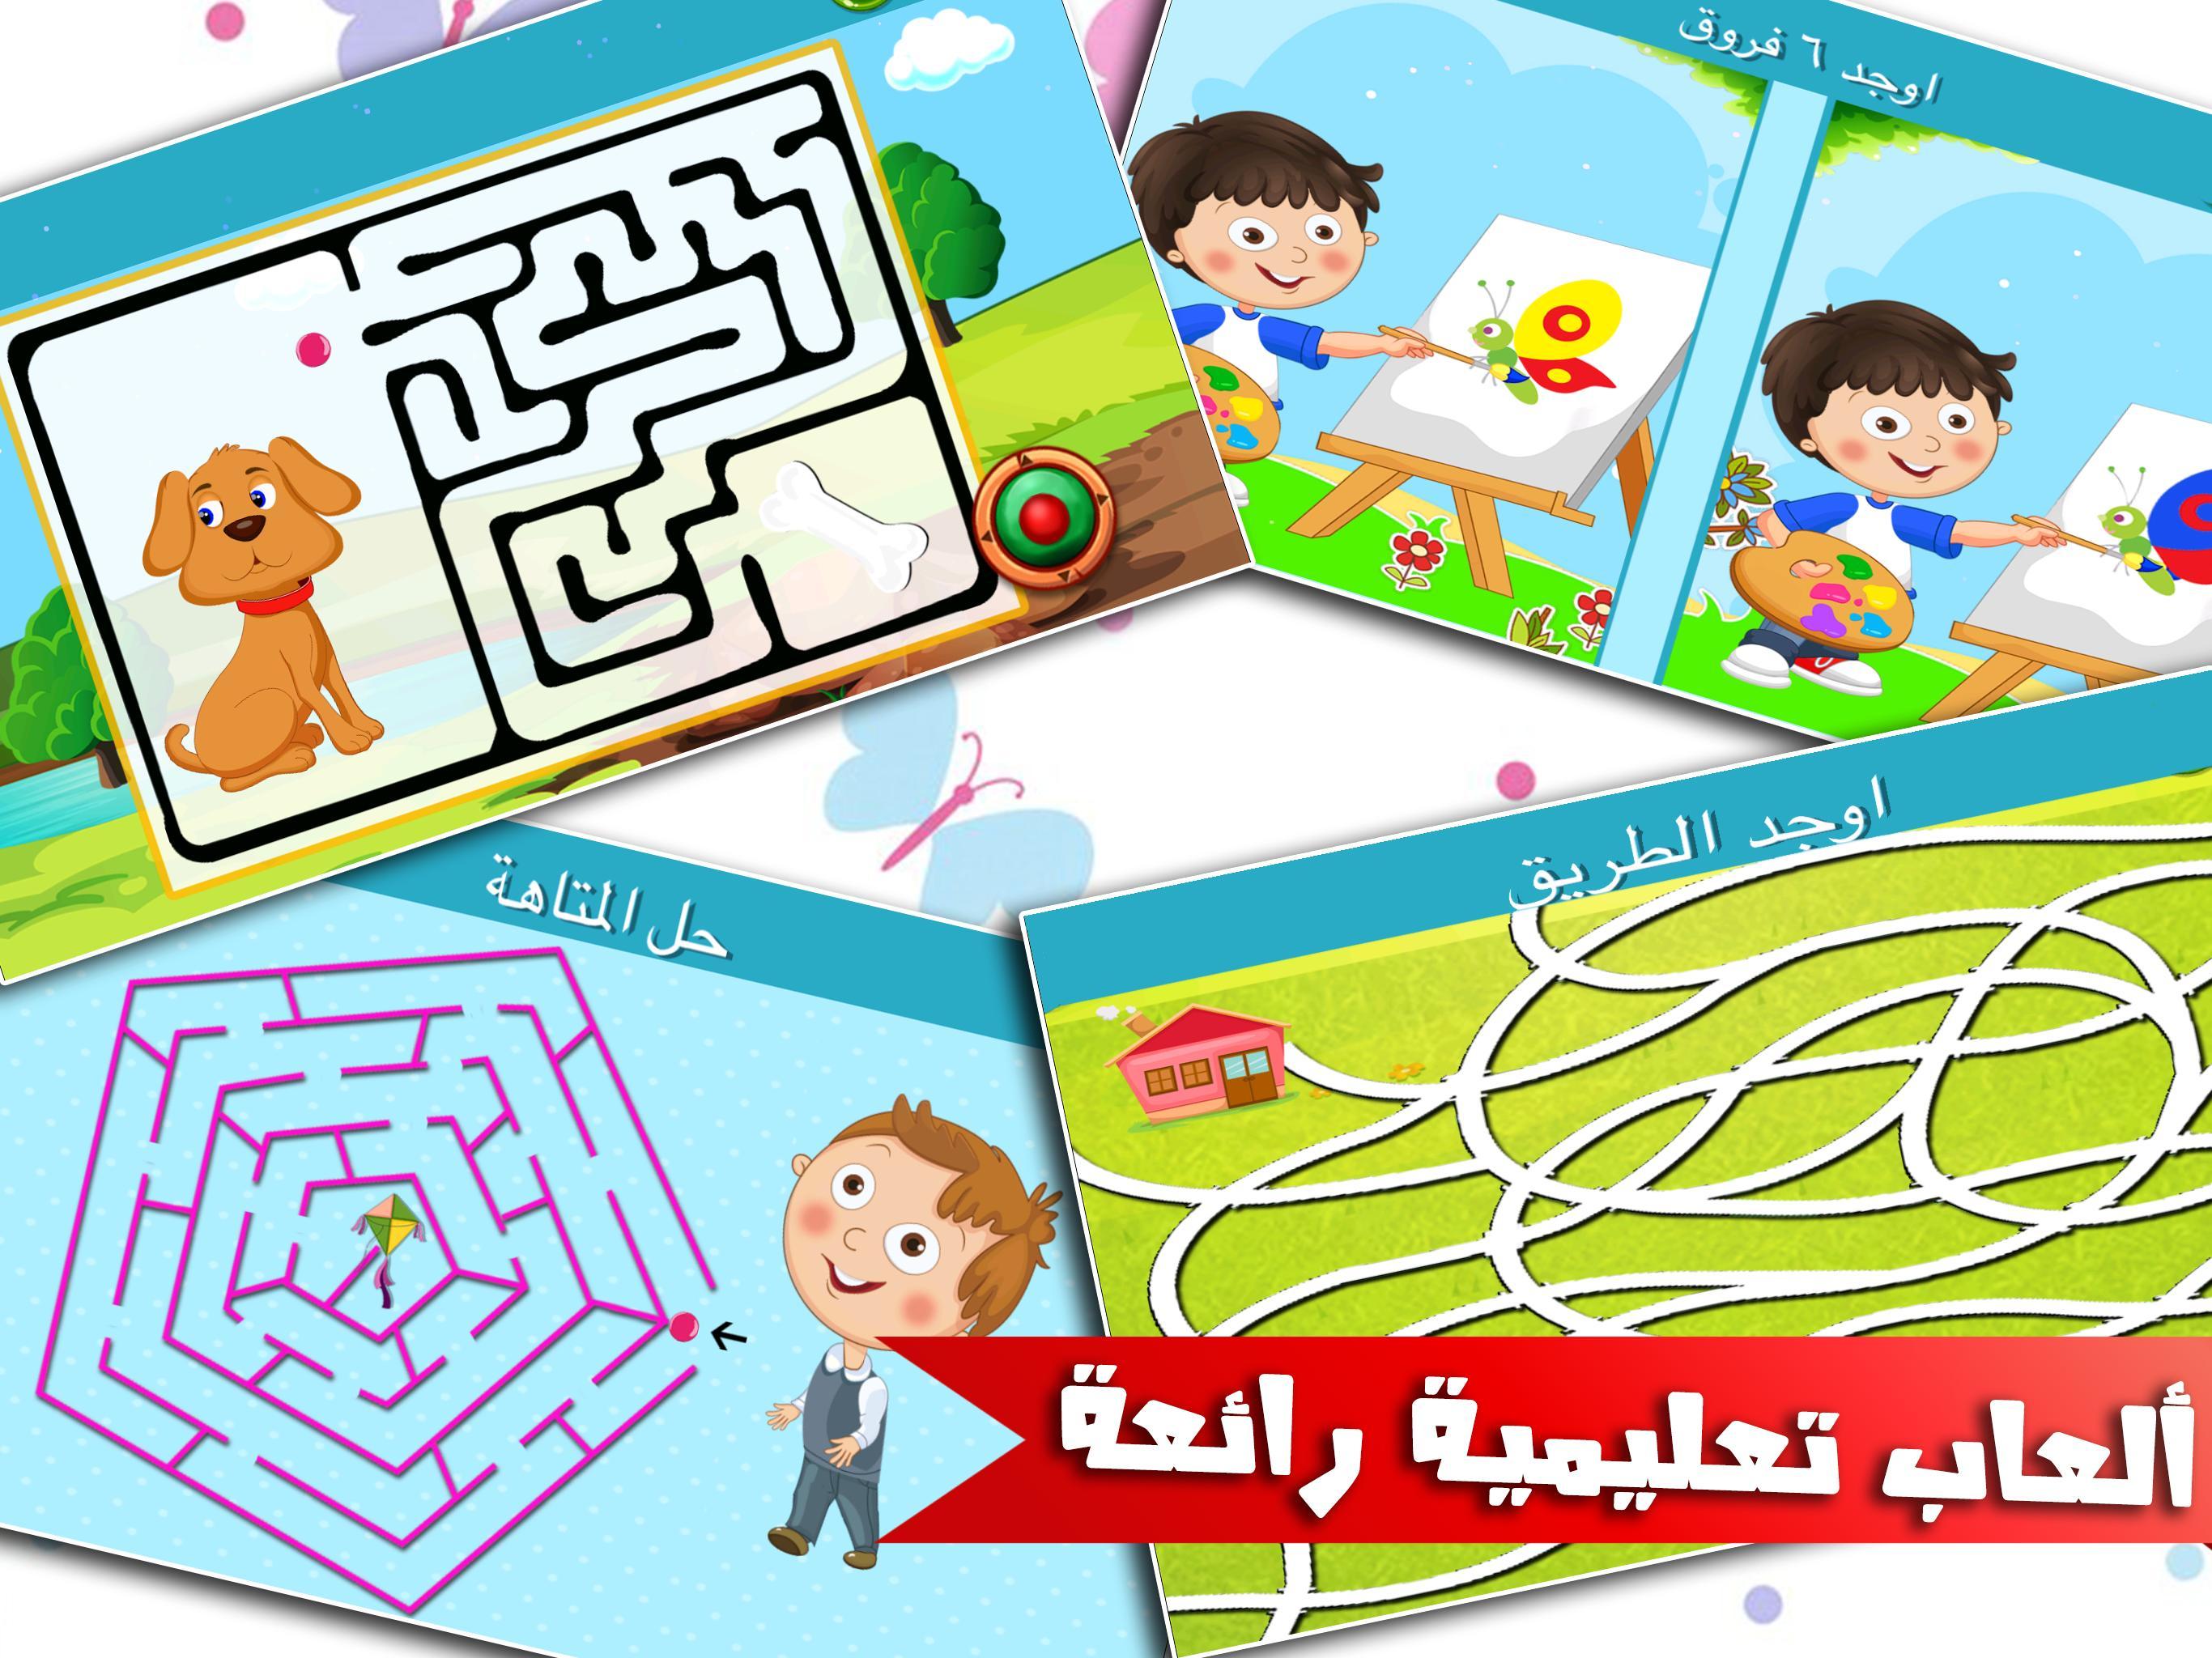 العاب ذكاء اطفال و بنات تعليمية التعليم و الذكاء 1.0.1 Screenshot 6